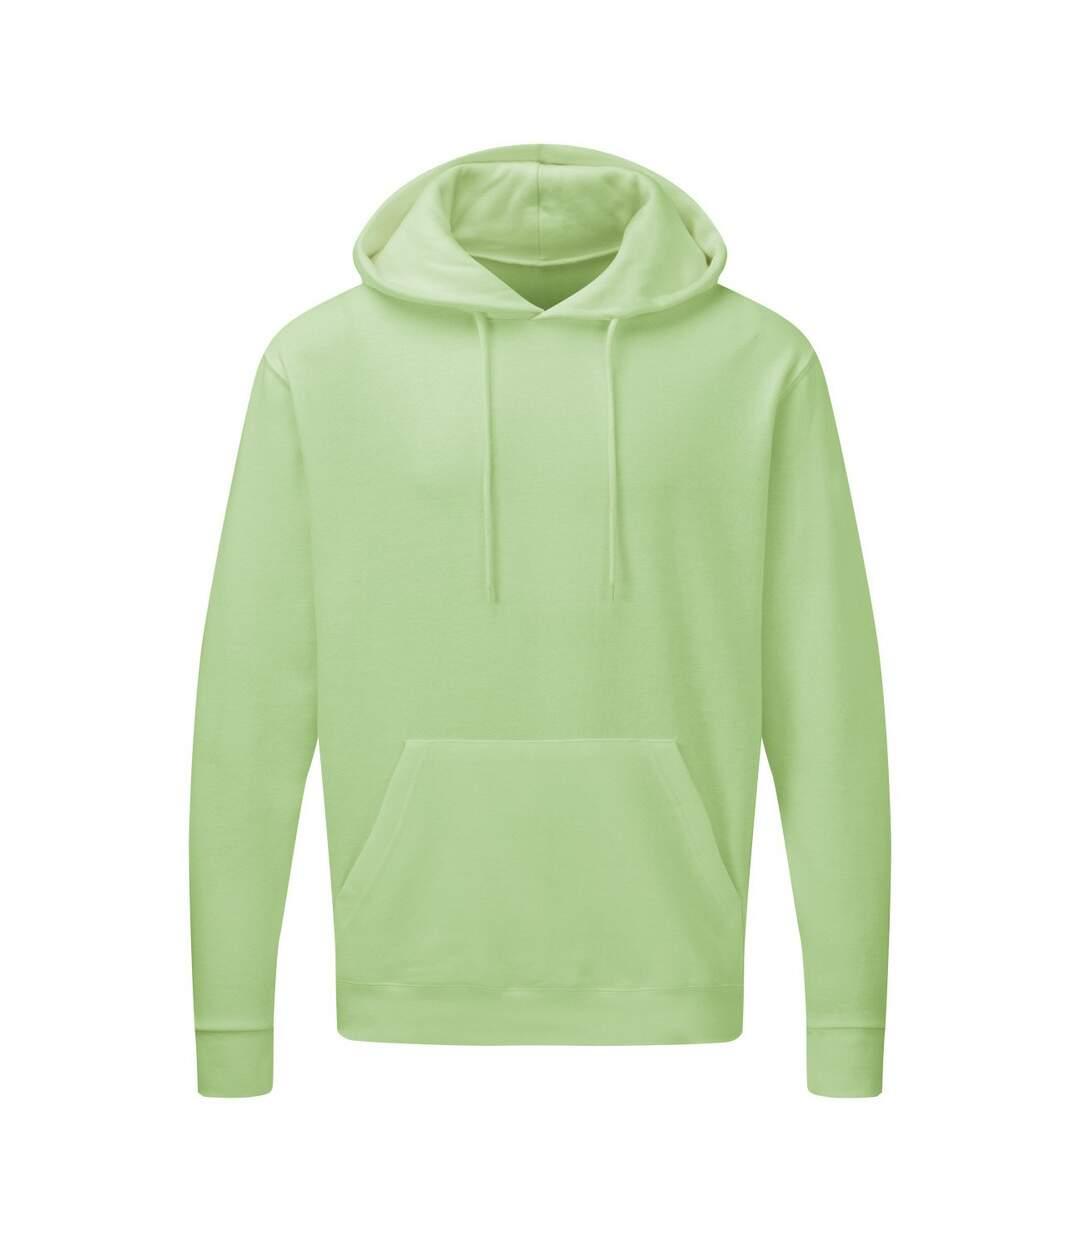 SG Mens Plain Hooded Sweatshirt Top / Hoodie (Neo Mint) - UTBC1072